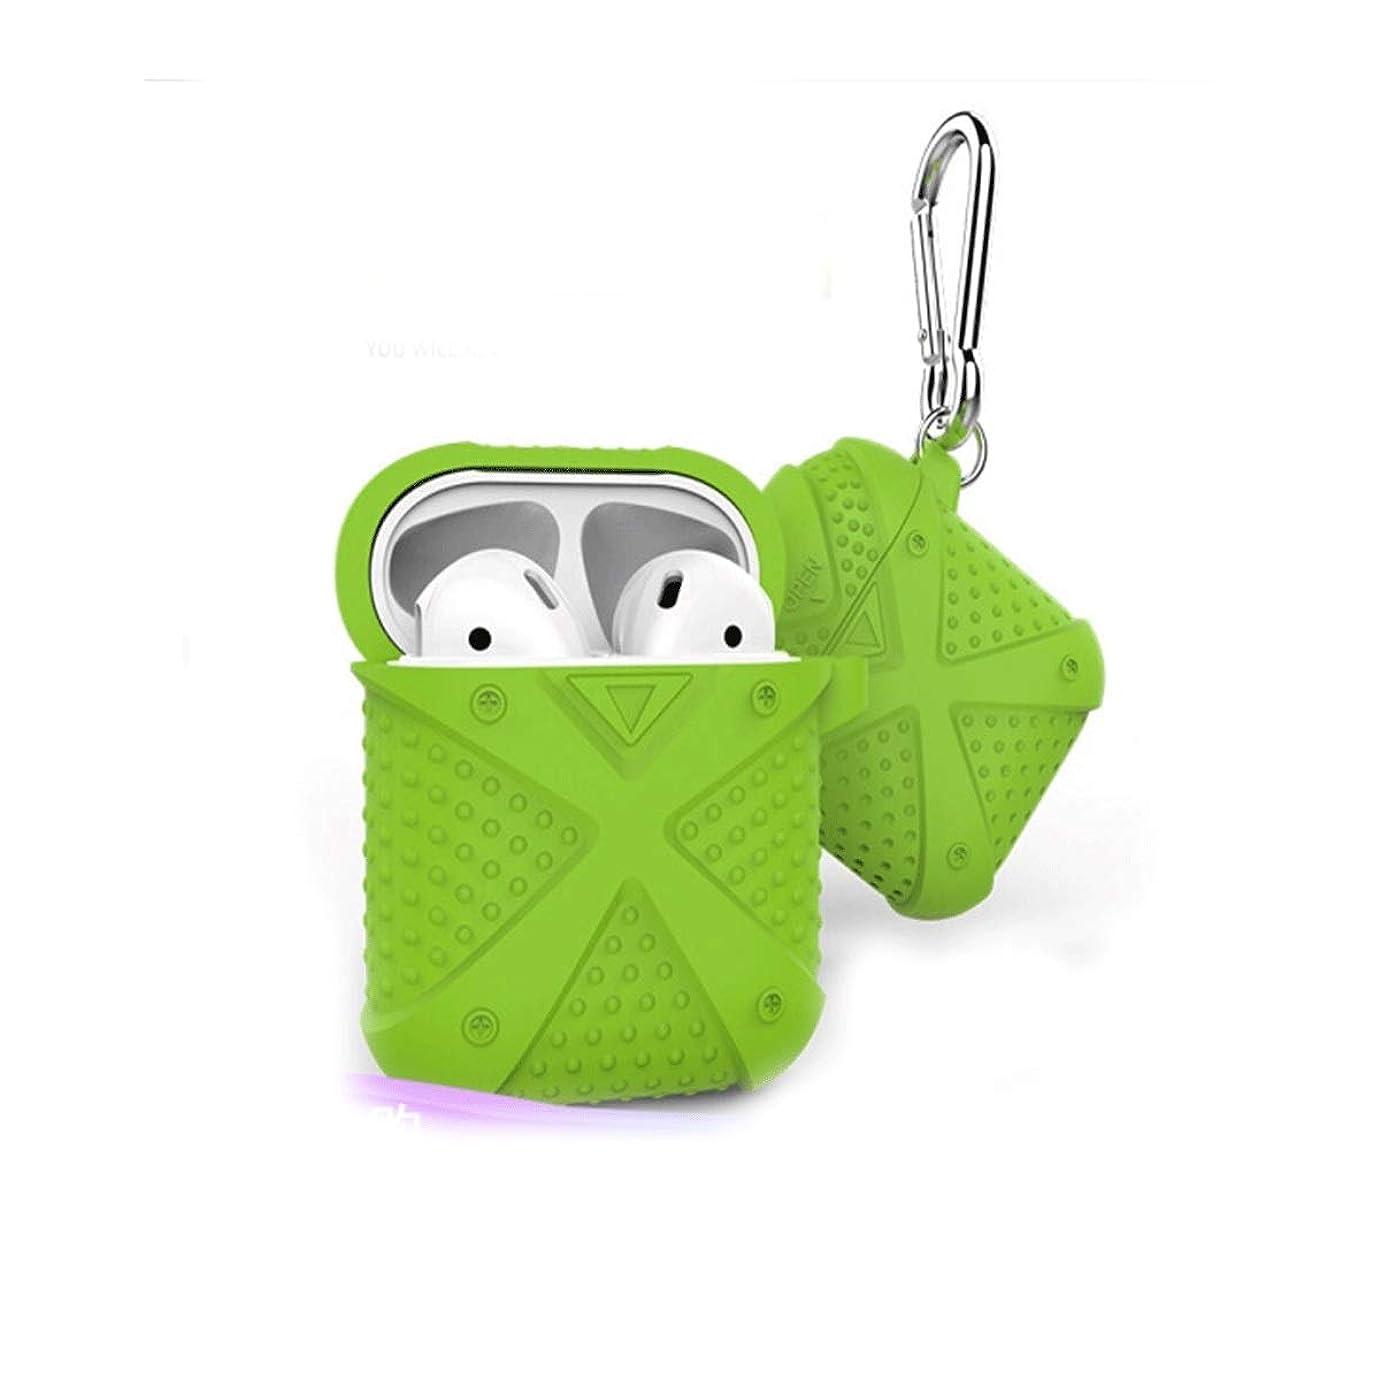 想定する異形スキル8HAOWENJU フック付きAirpodsケース、Bluetoothワイヤレスヘッドセットシリコンスリーブ、紛失防止ストラップ収納ボックス、 (Color : ピンク)